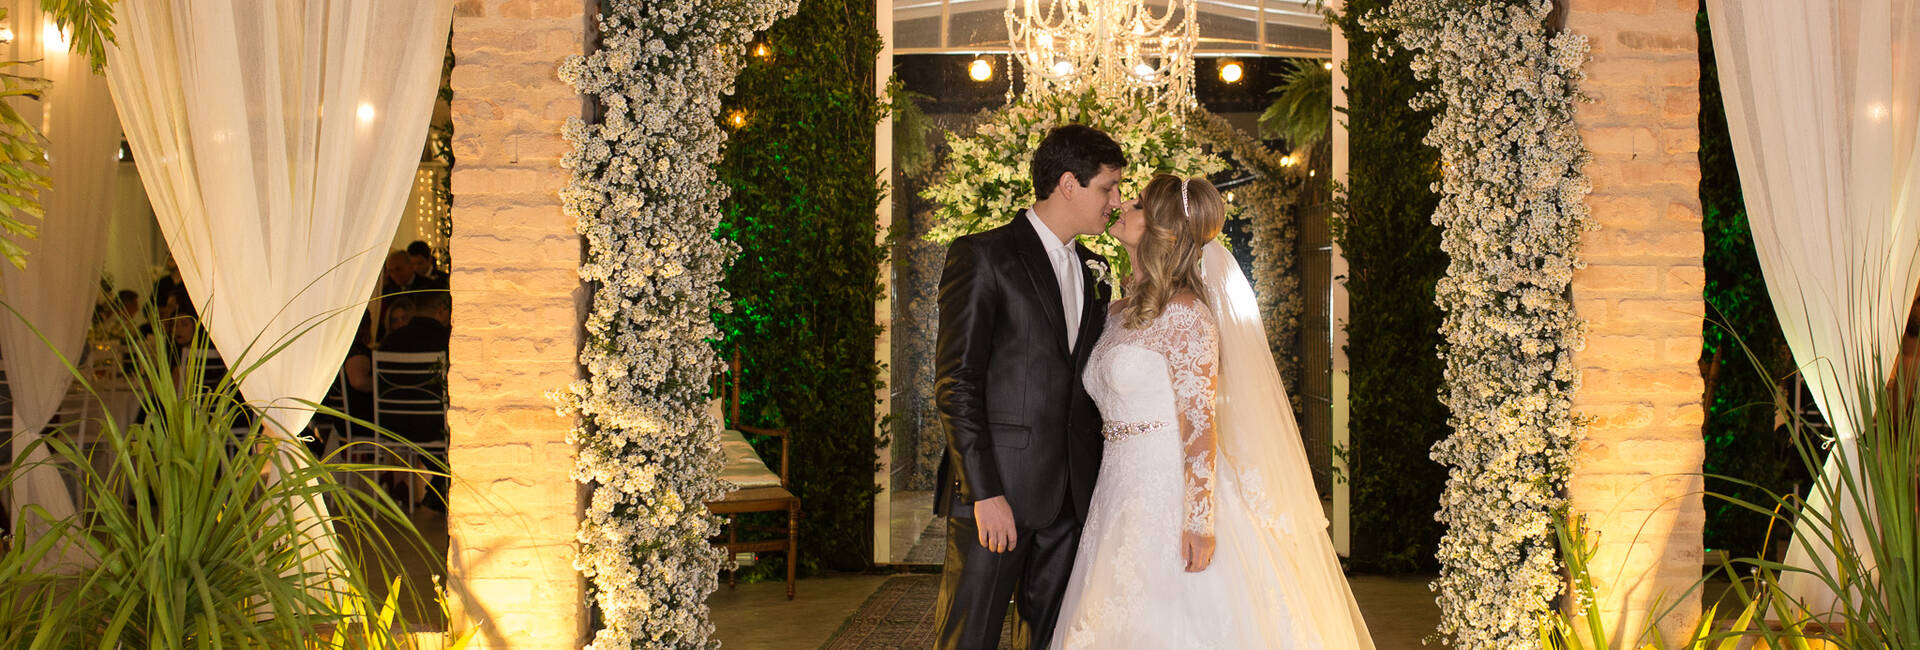 Casamento no Espaço Batalha de Yasmin e Nicolas